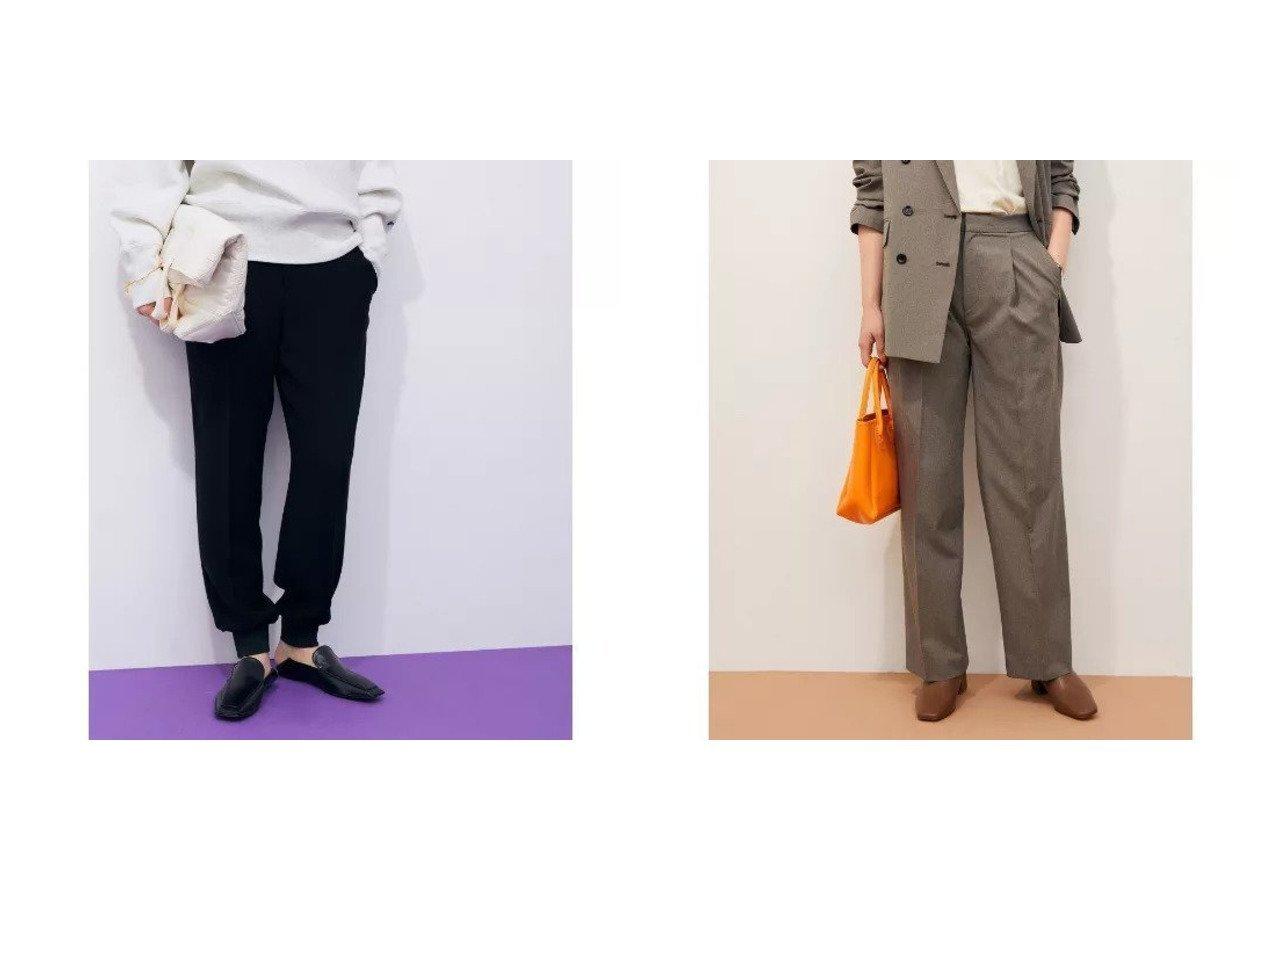 【ADAM ET ROPE'/アダム エ ロペ】の【セットアップ対応】リラックスジョグパンツ&【セットアップ対応】ライトツイードスラックス 【パンツ】おすすめ!人気、トレンド・レディースファッションの通販 おすすめで人気の流行・トレンド、ファッションの通販商品 インテリア・家具・メンズファッション・キッズファッション・レディースファッション・服の通販 founy(ファニー) https://founy.com/ ファッション Fashion レディースファッション WOMEN セットアップ Setup パンツ Pants ショート ストラップサンダル ストレッチ スリーブ セットアップ センター なめらか ボトム ポケット リラックス ロング A/W・秋冬 AW・Autumn/Winter・FW・Fall-Winter 2021年 2021 2021-2022秋冬・A/W AW・Autumn/Winter・FW・Fall-Winter・2021-2022 おすすめ Recommend  ID:crp329100000059137